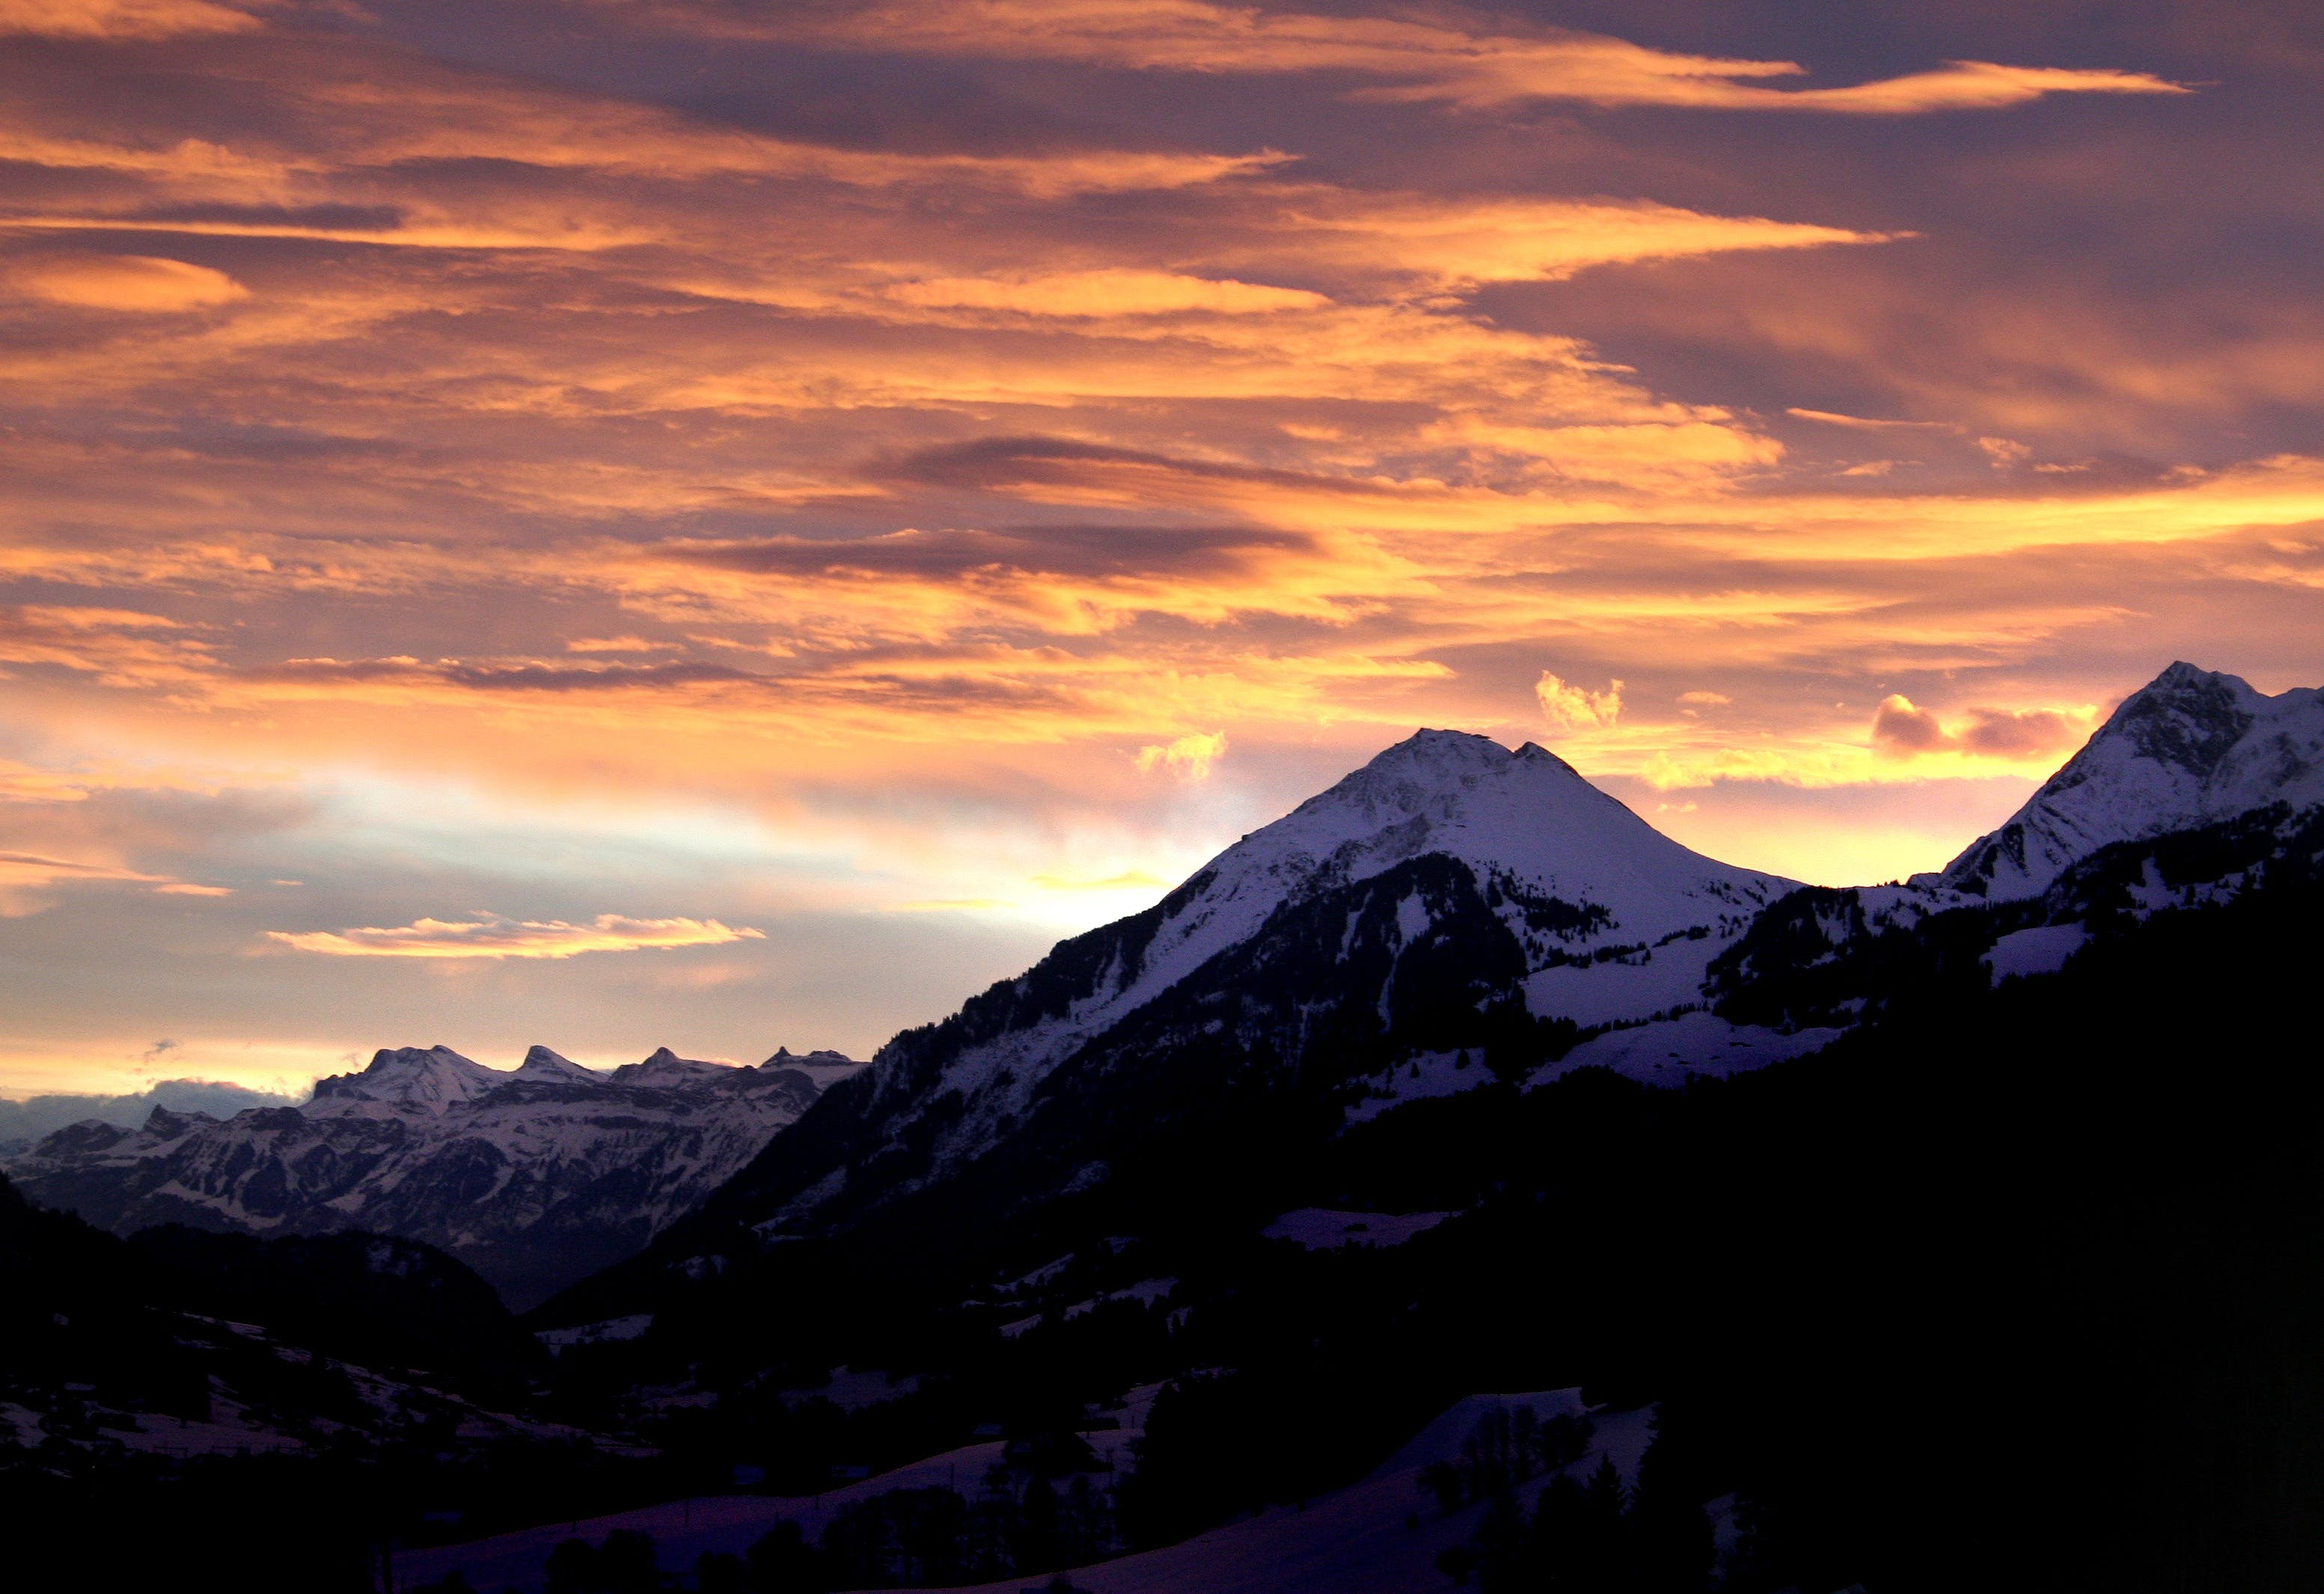 Snow Mountain Under Orange Skies